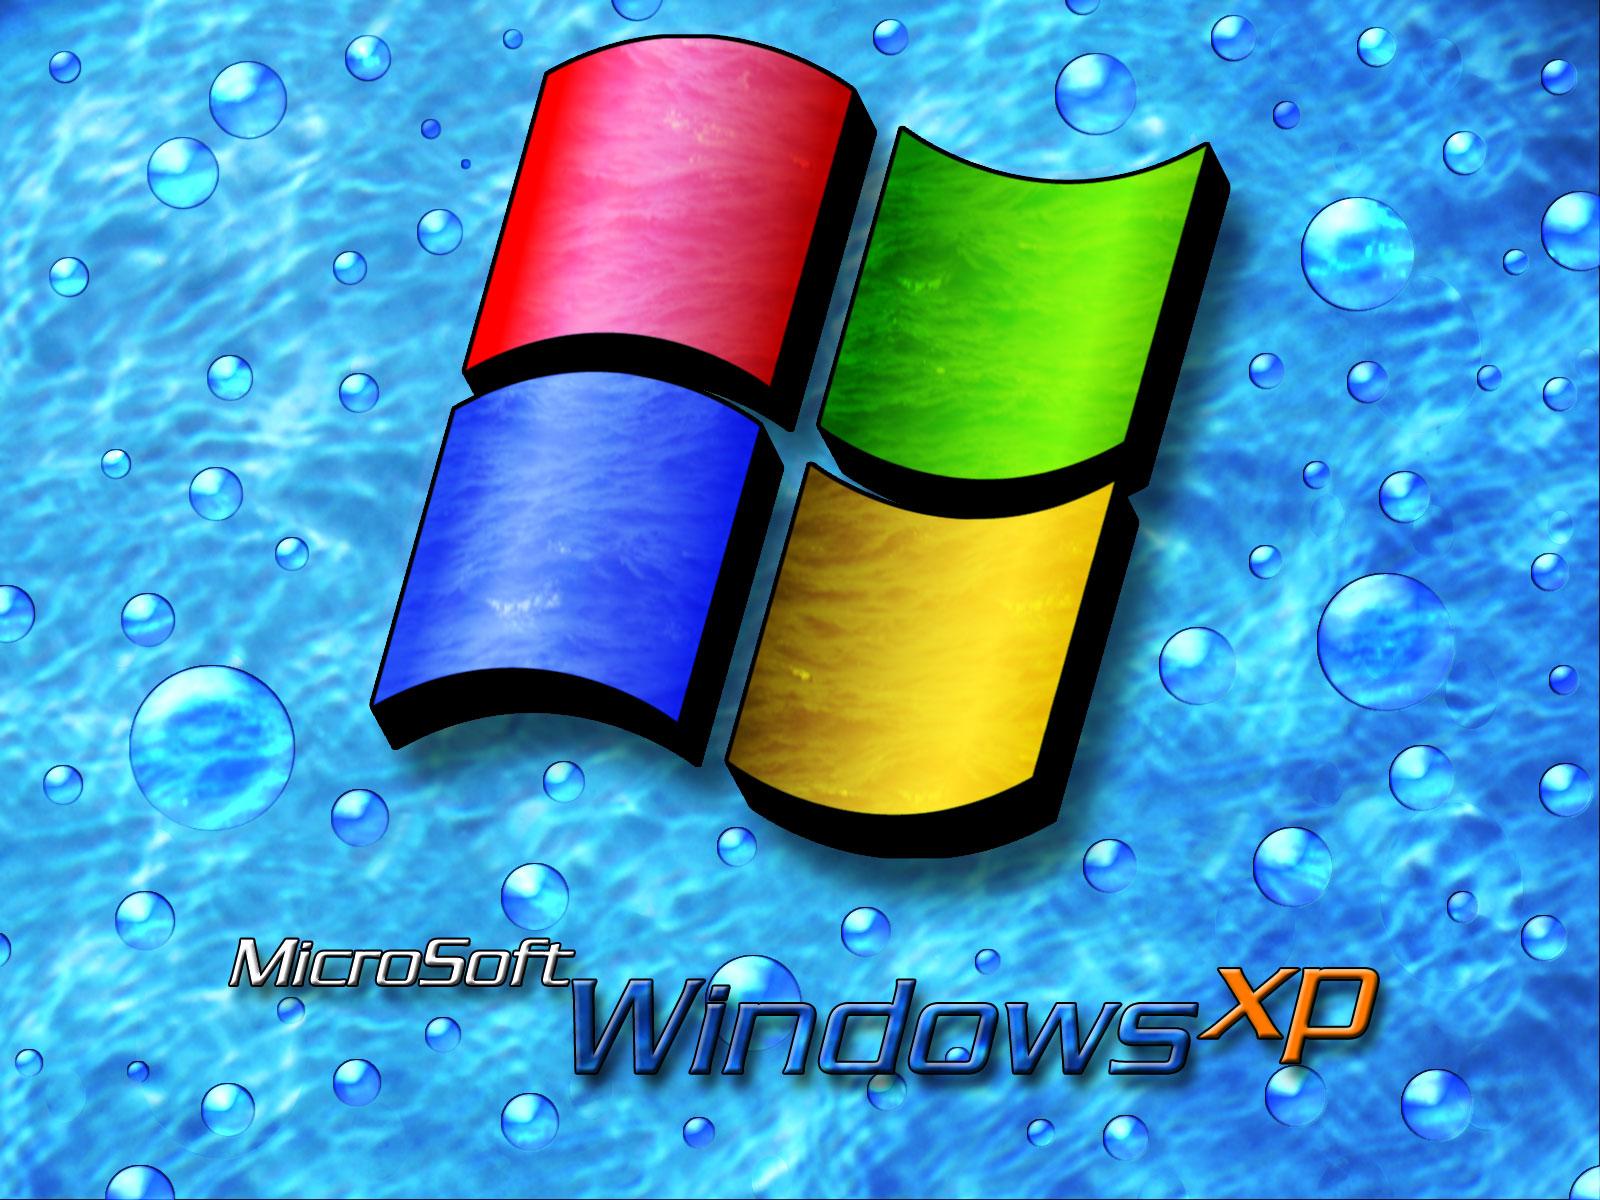 http://3.bp.blogspot.com/_RAlP3BmEW1Q/TQYS9mXyAII/AAAAAAAACd8/Vk-GrlXOj24/s1600/The-best-top-desktop-windows-xp-wallpapers-6.JPG